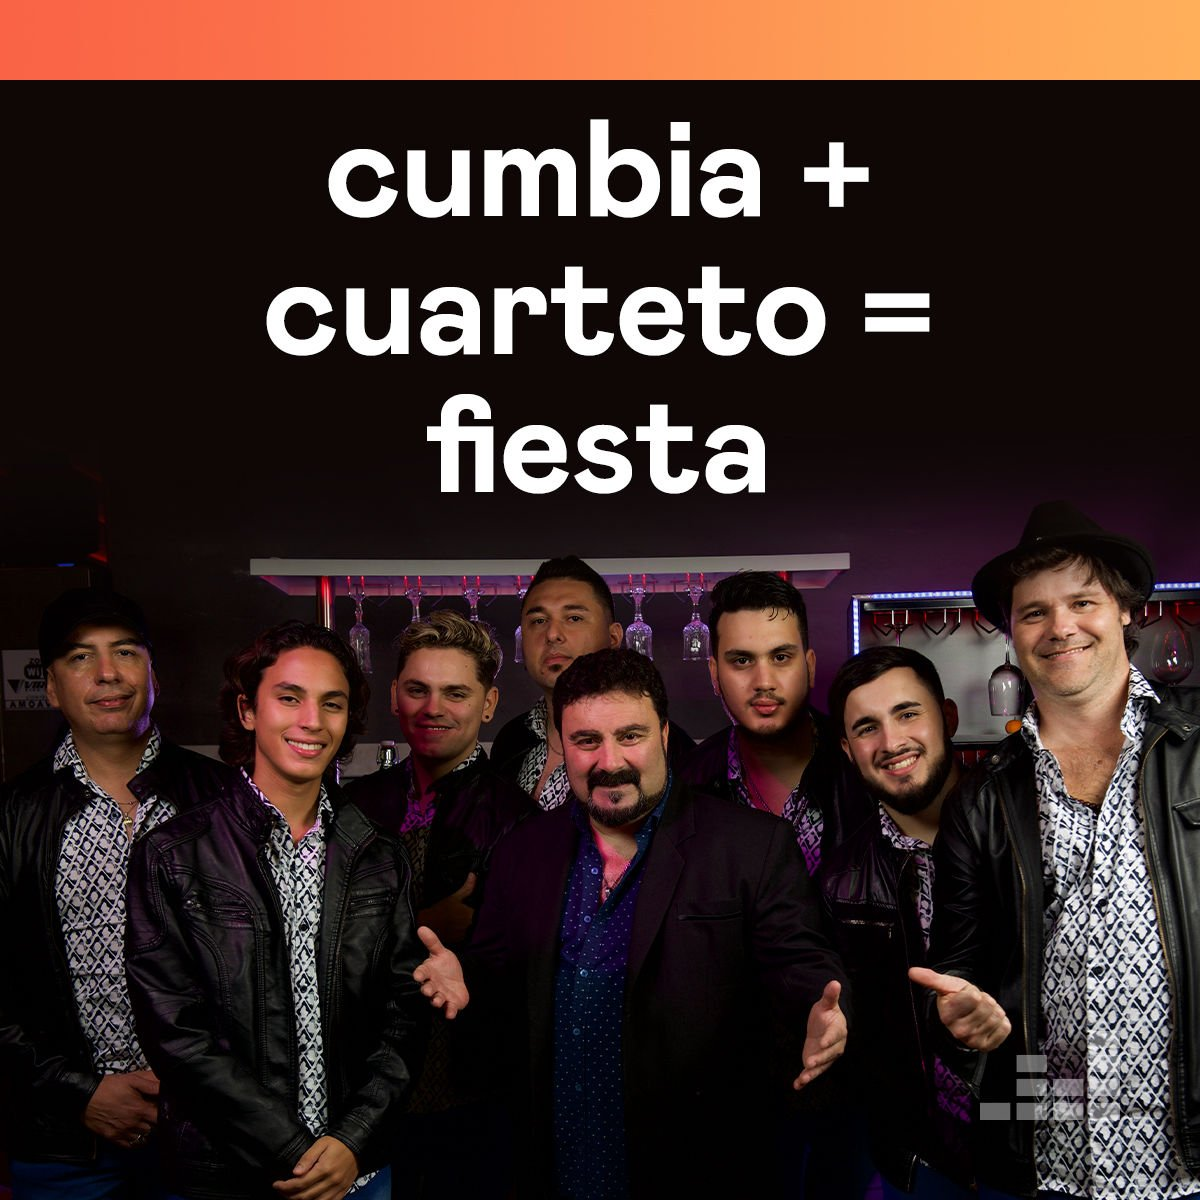 Cumbia + Cuarteto = Fiesta